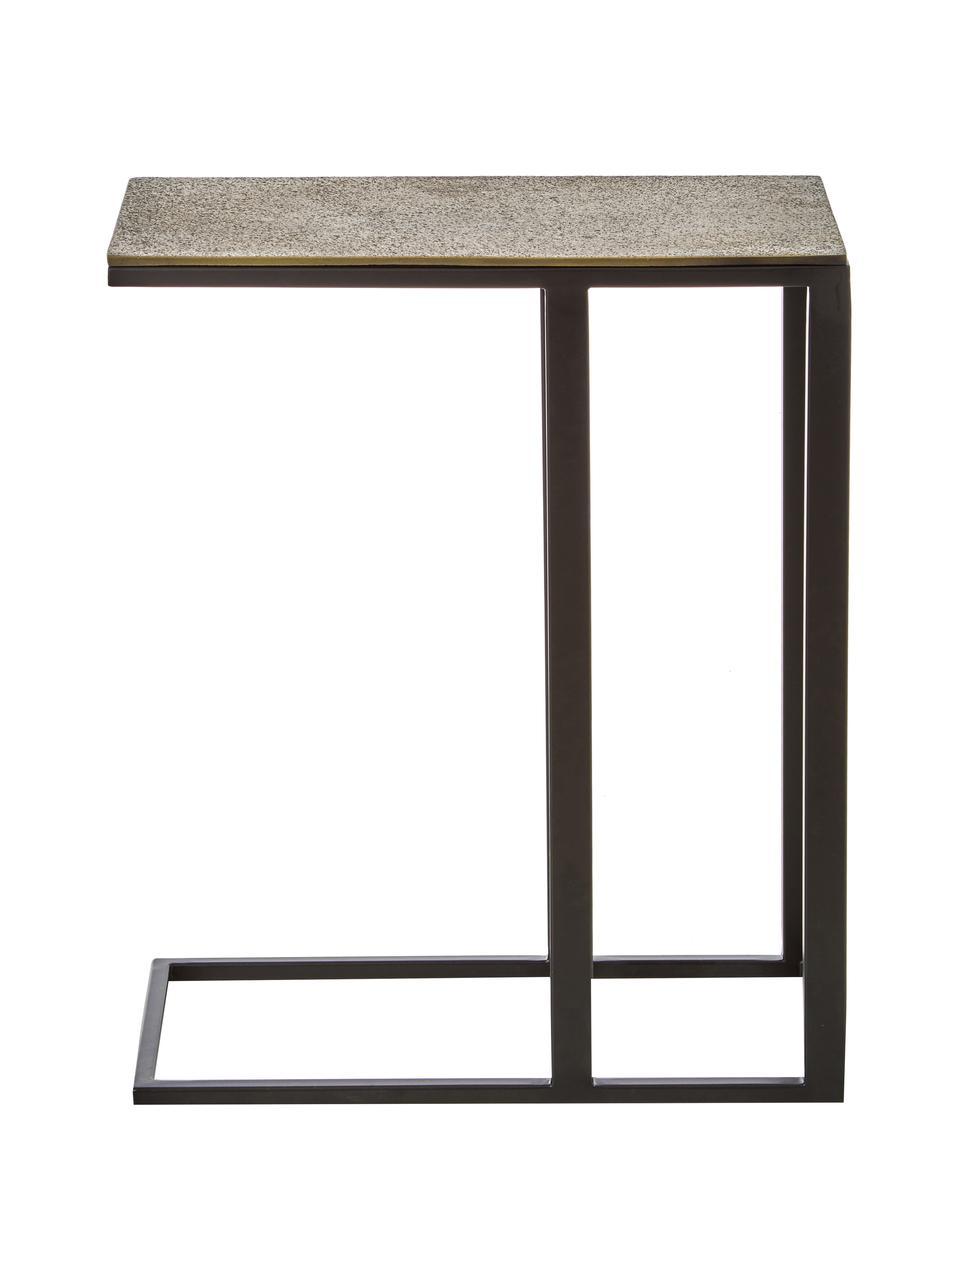 Stolik pomocniczy industrial Edge, Blat: metal powlekany, Stelaż: metal malowany proszkowo, Odcienie mosiężnego, antyczne wykończenie, czarny, matowy, S 43 x W 51 cm